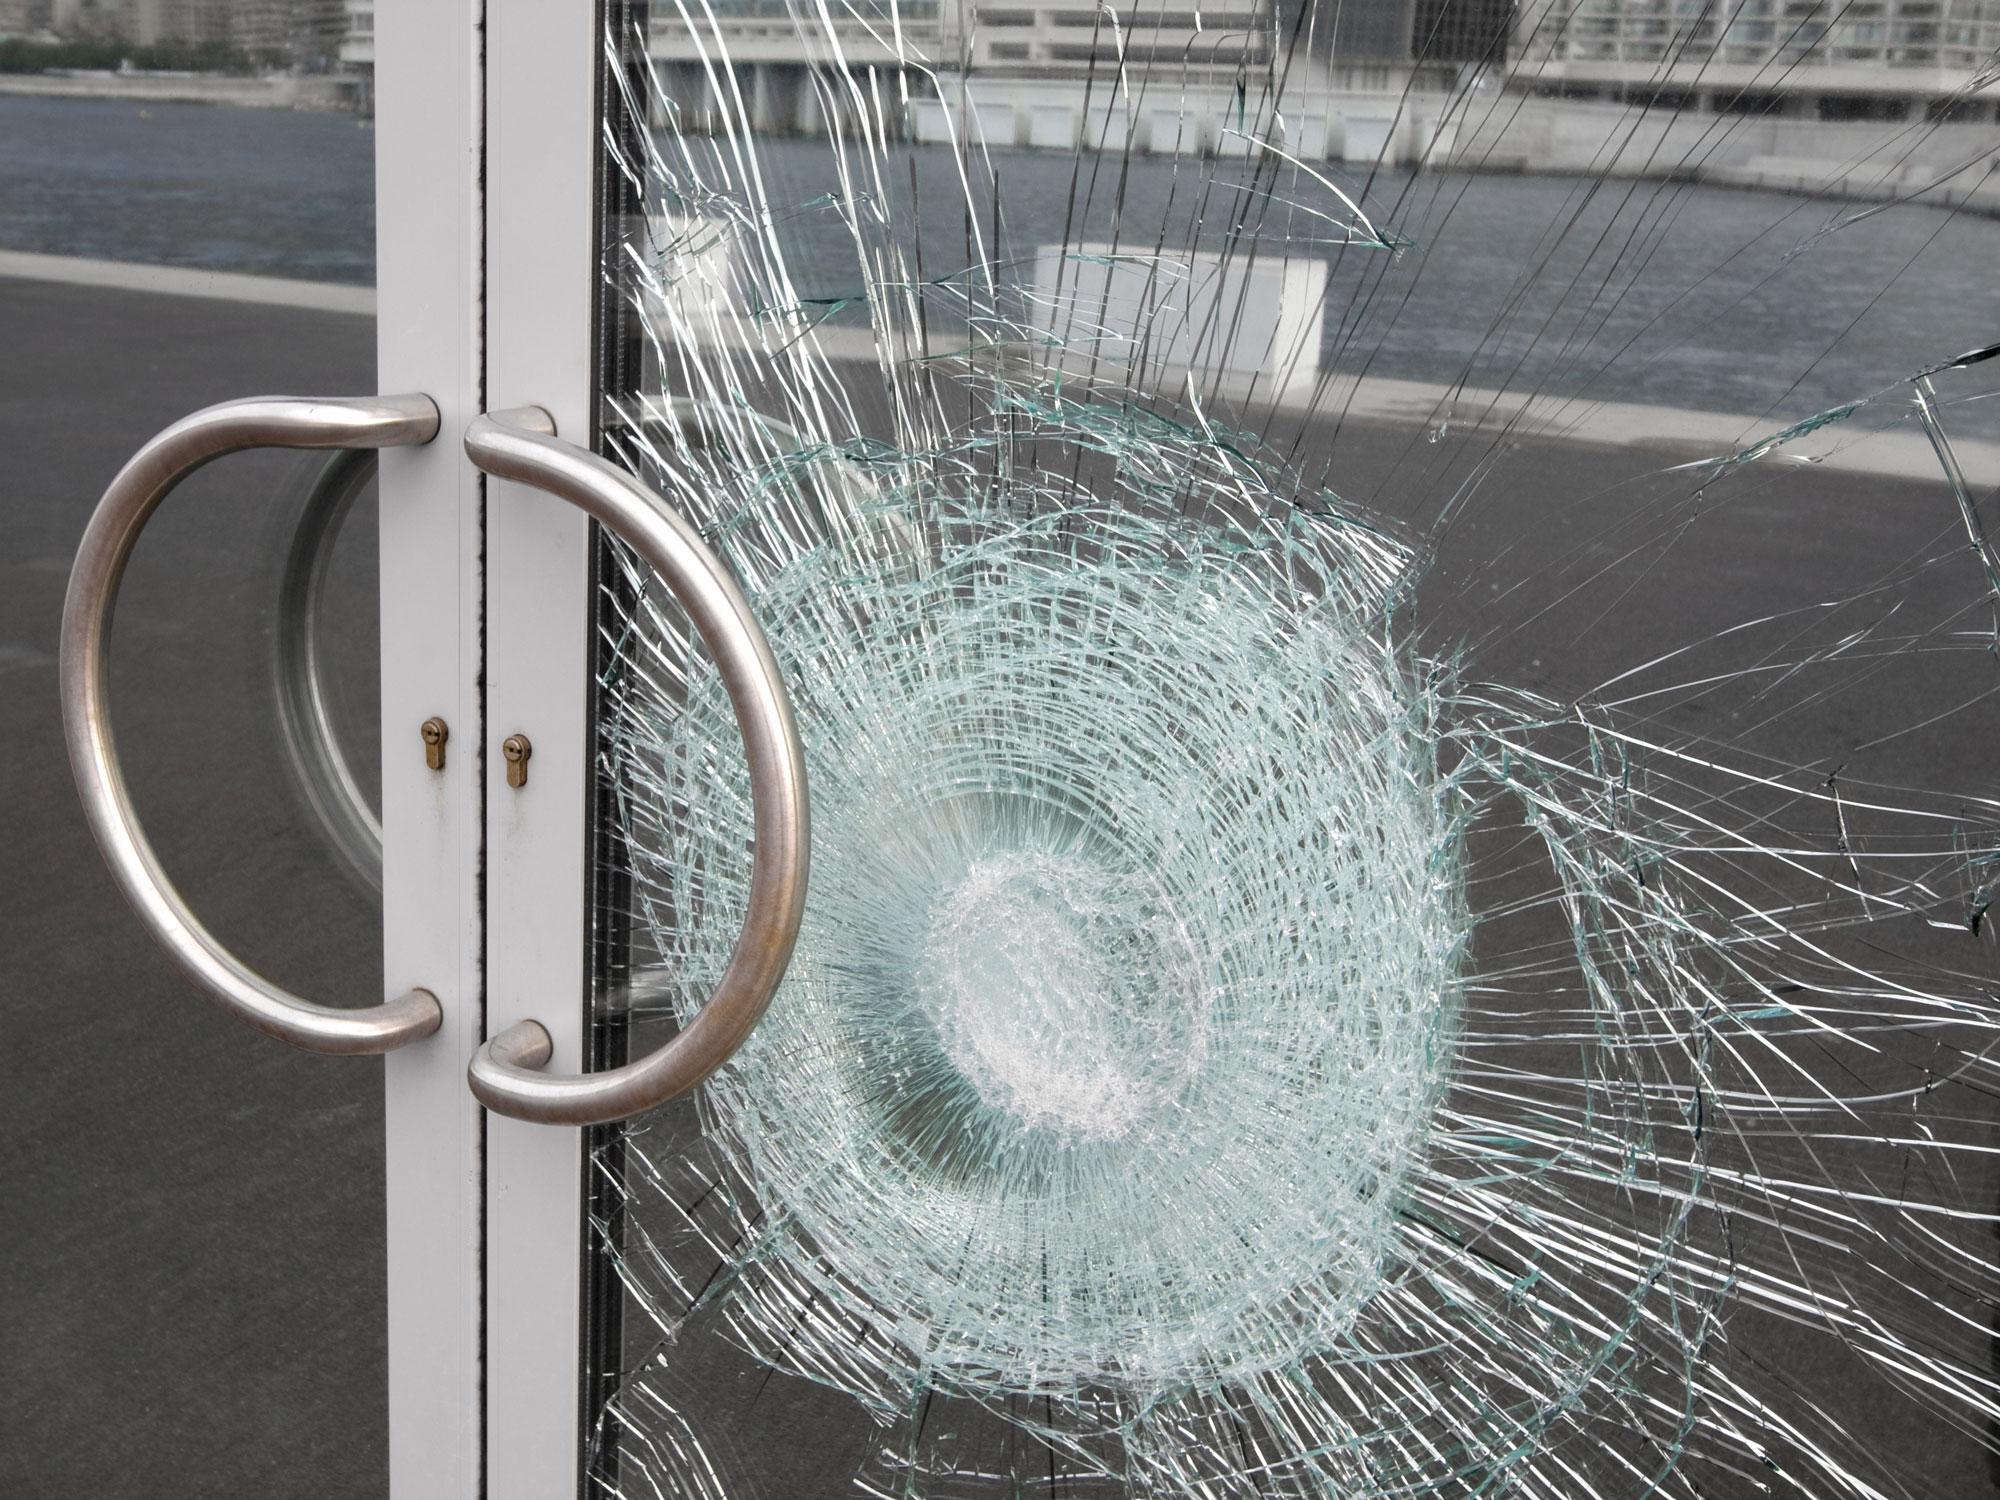 Säkerhetsfilm mot inbrott